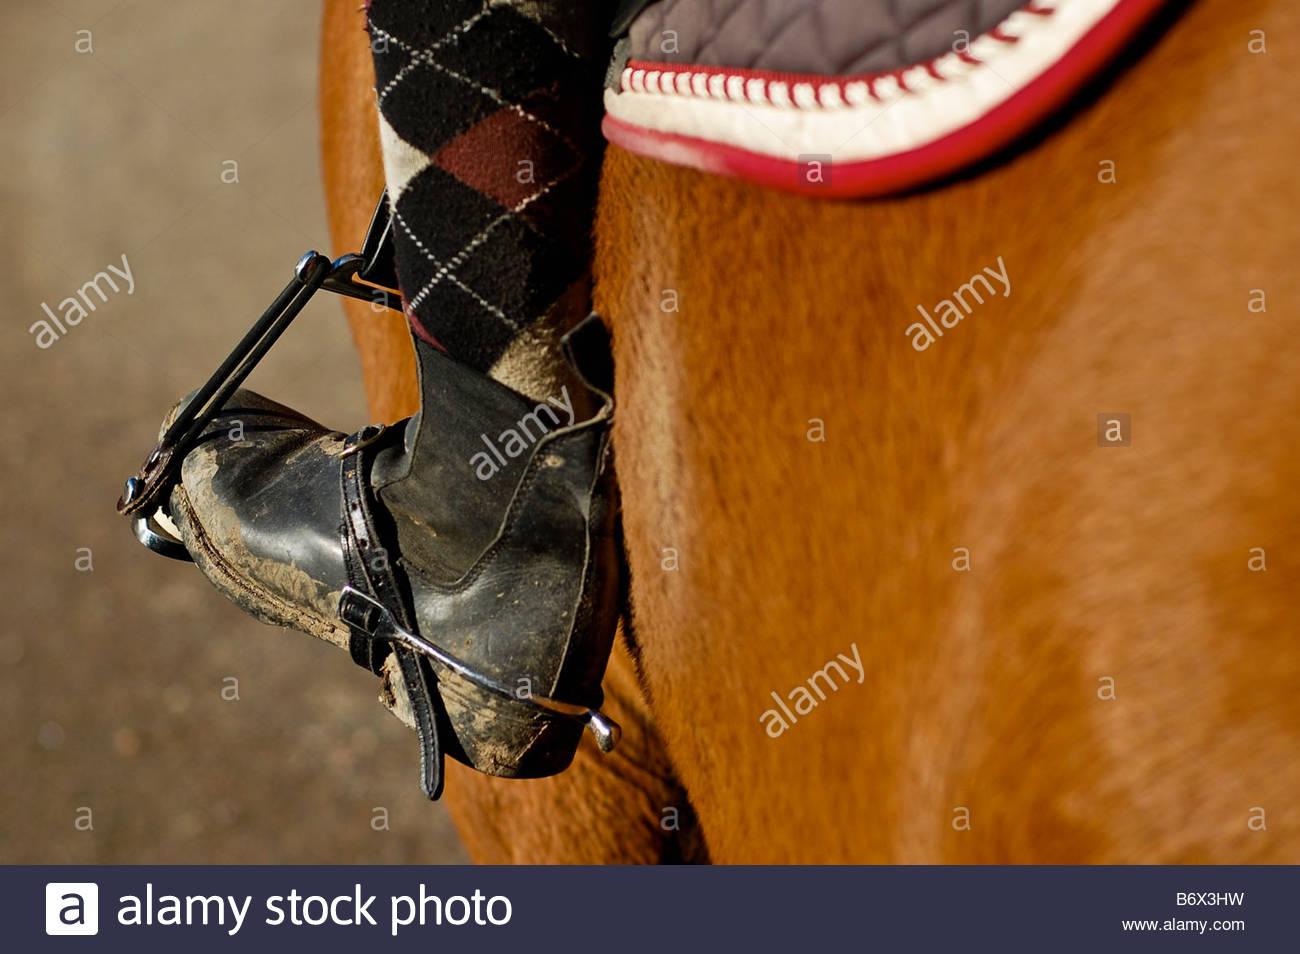 Stirrup and shoe - Stock Image